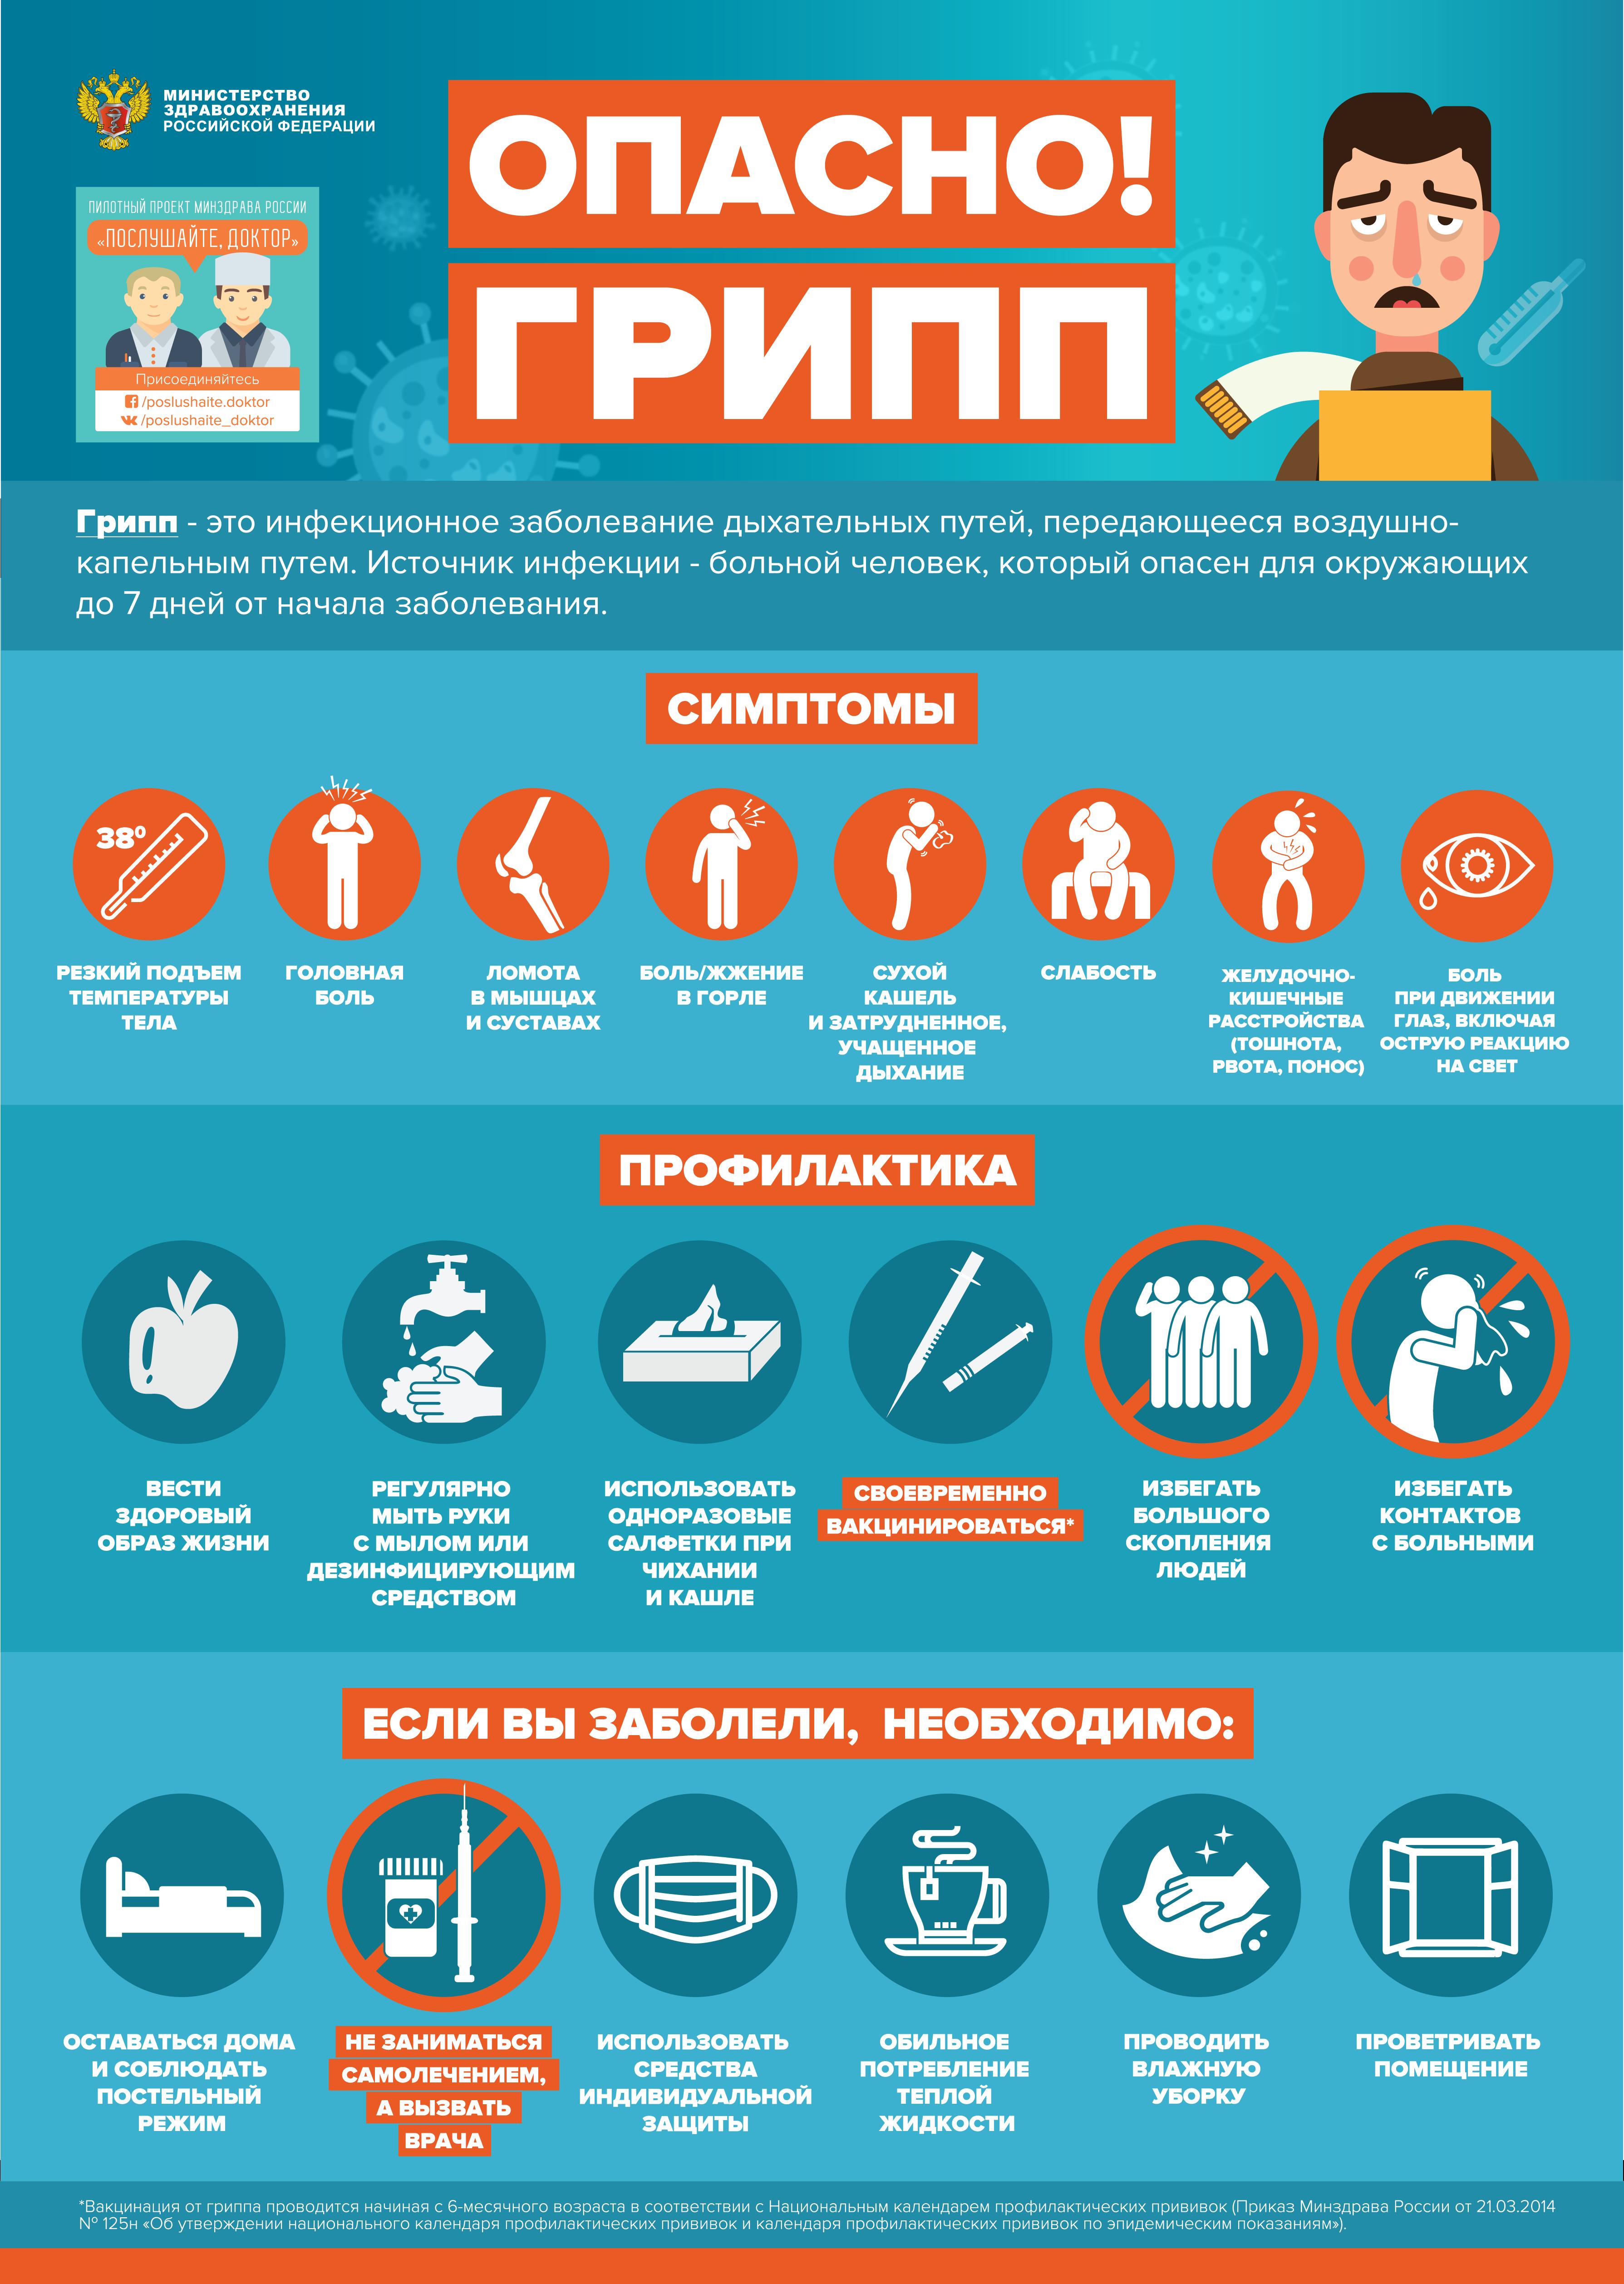 http://profilaktica.ru/upload/docs/1.png